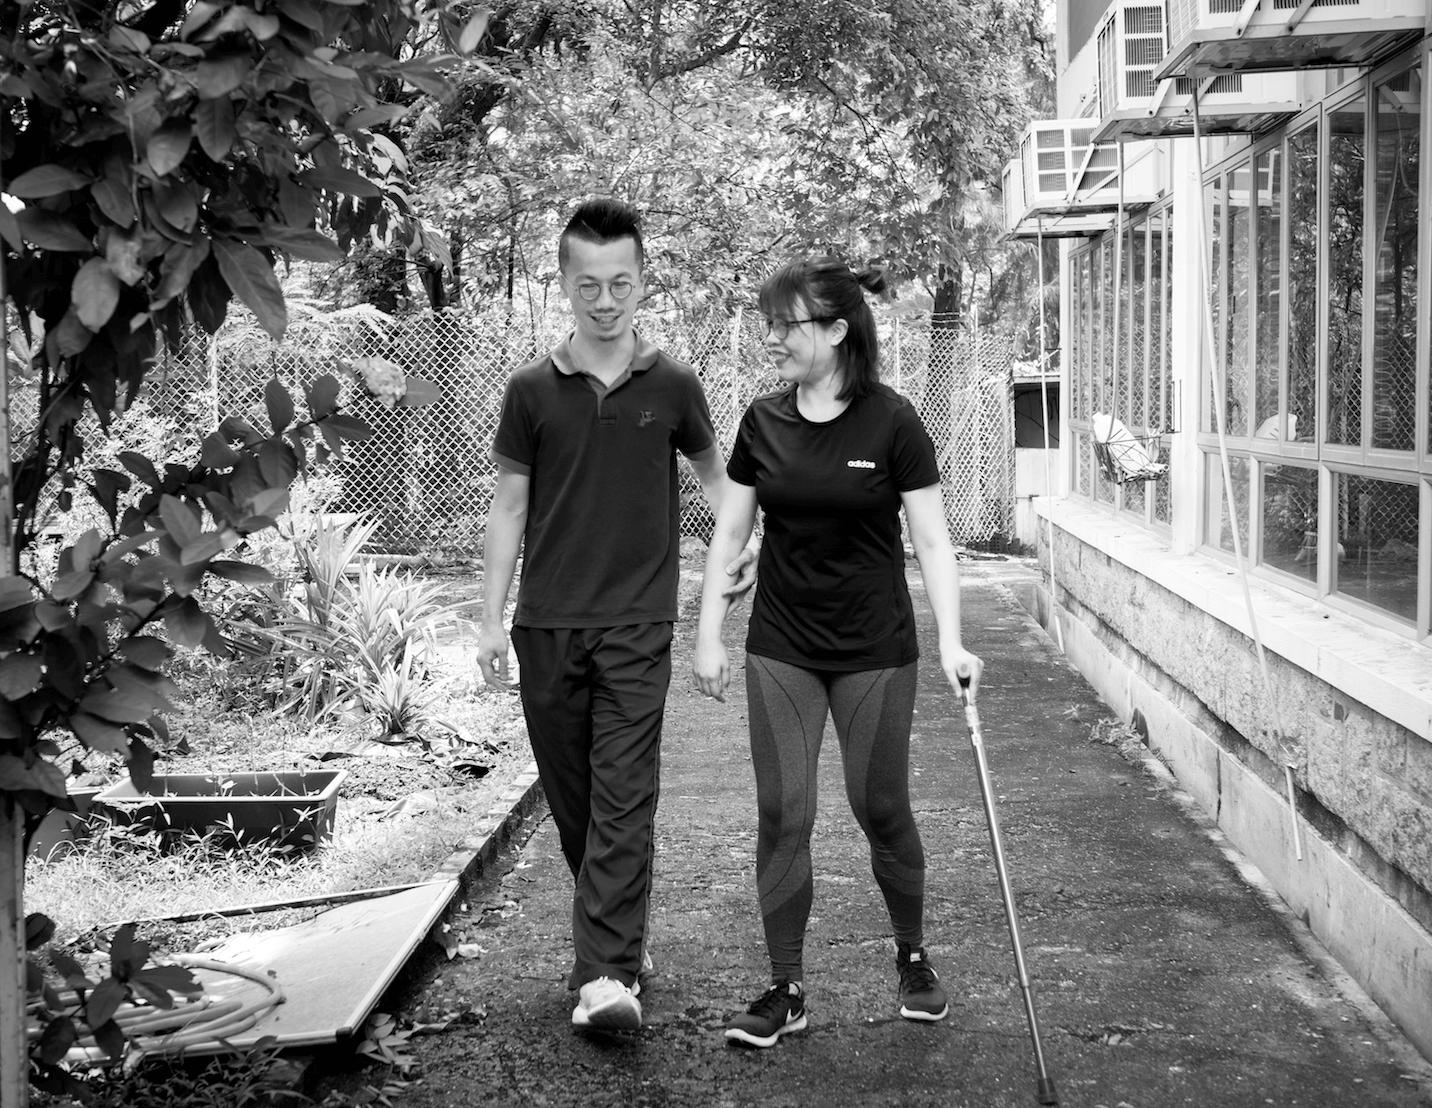 物理治療師Jeffrey期望,自己可以盡快「甩身」。「病人一日連住治療中心,一日都會覺得自己是病人,我希望他們能夠回到日常生活繼續鍛鍊。」